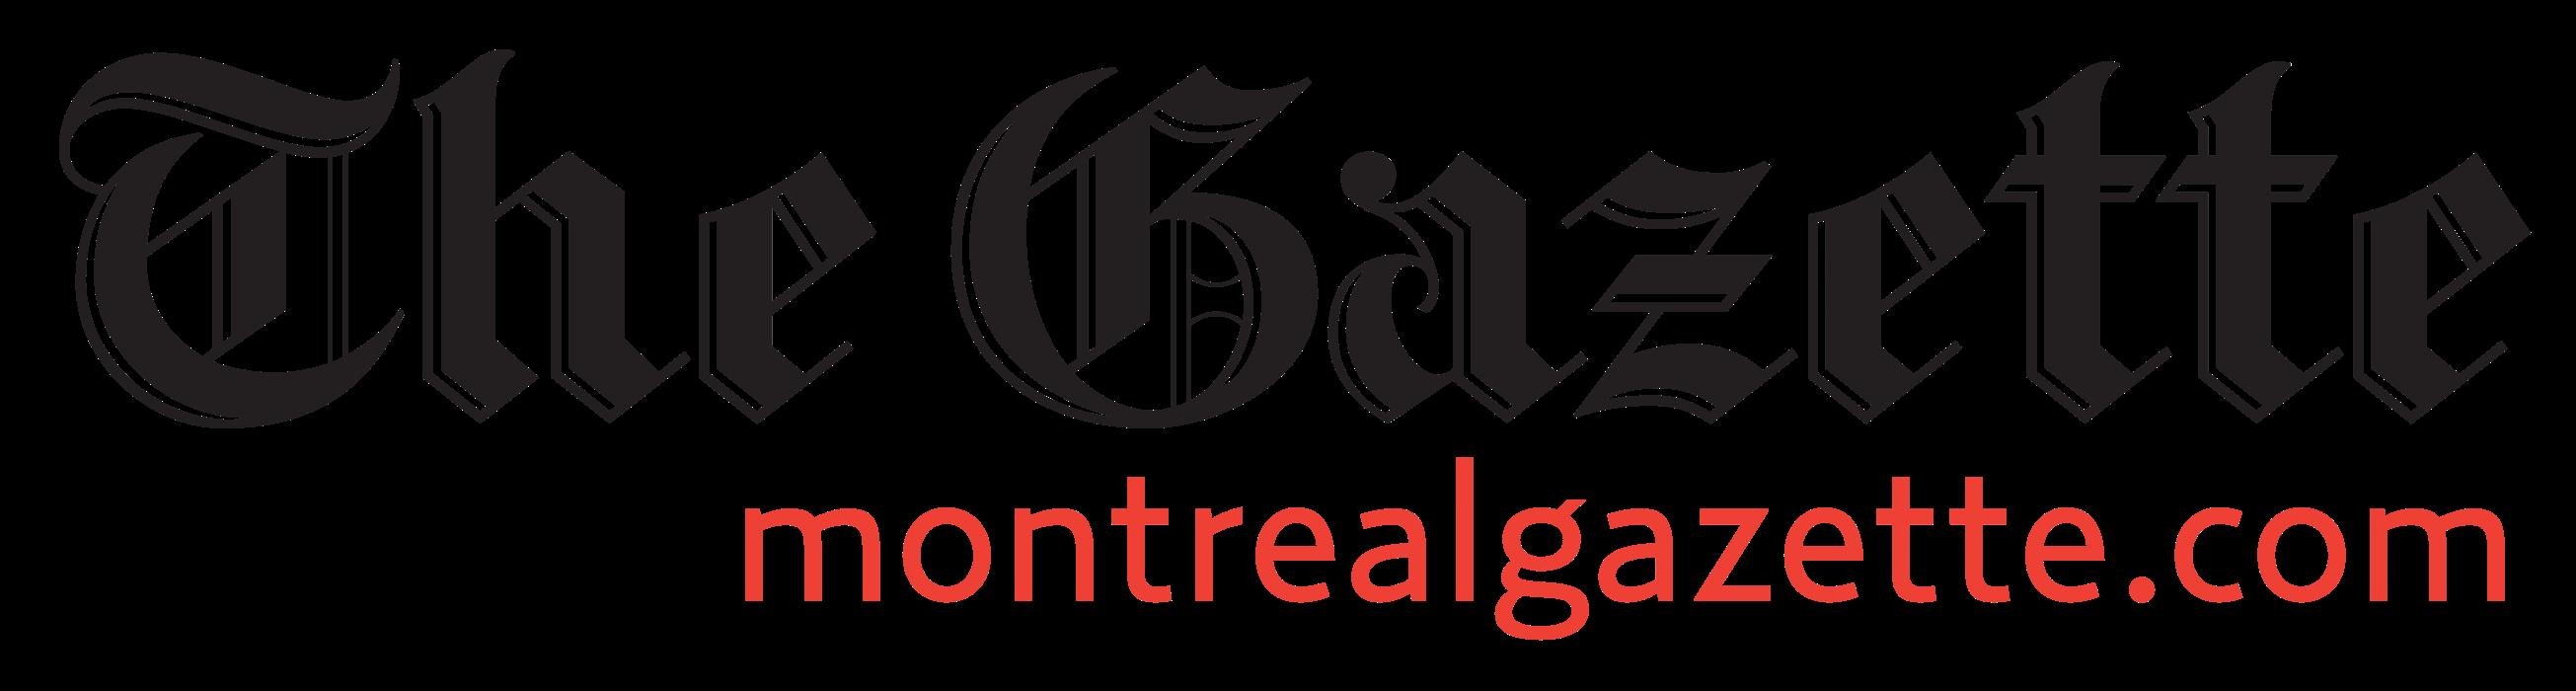 Startup City: Smarten up Montreal